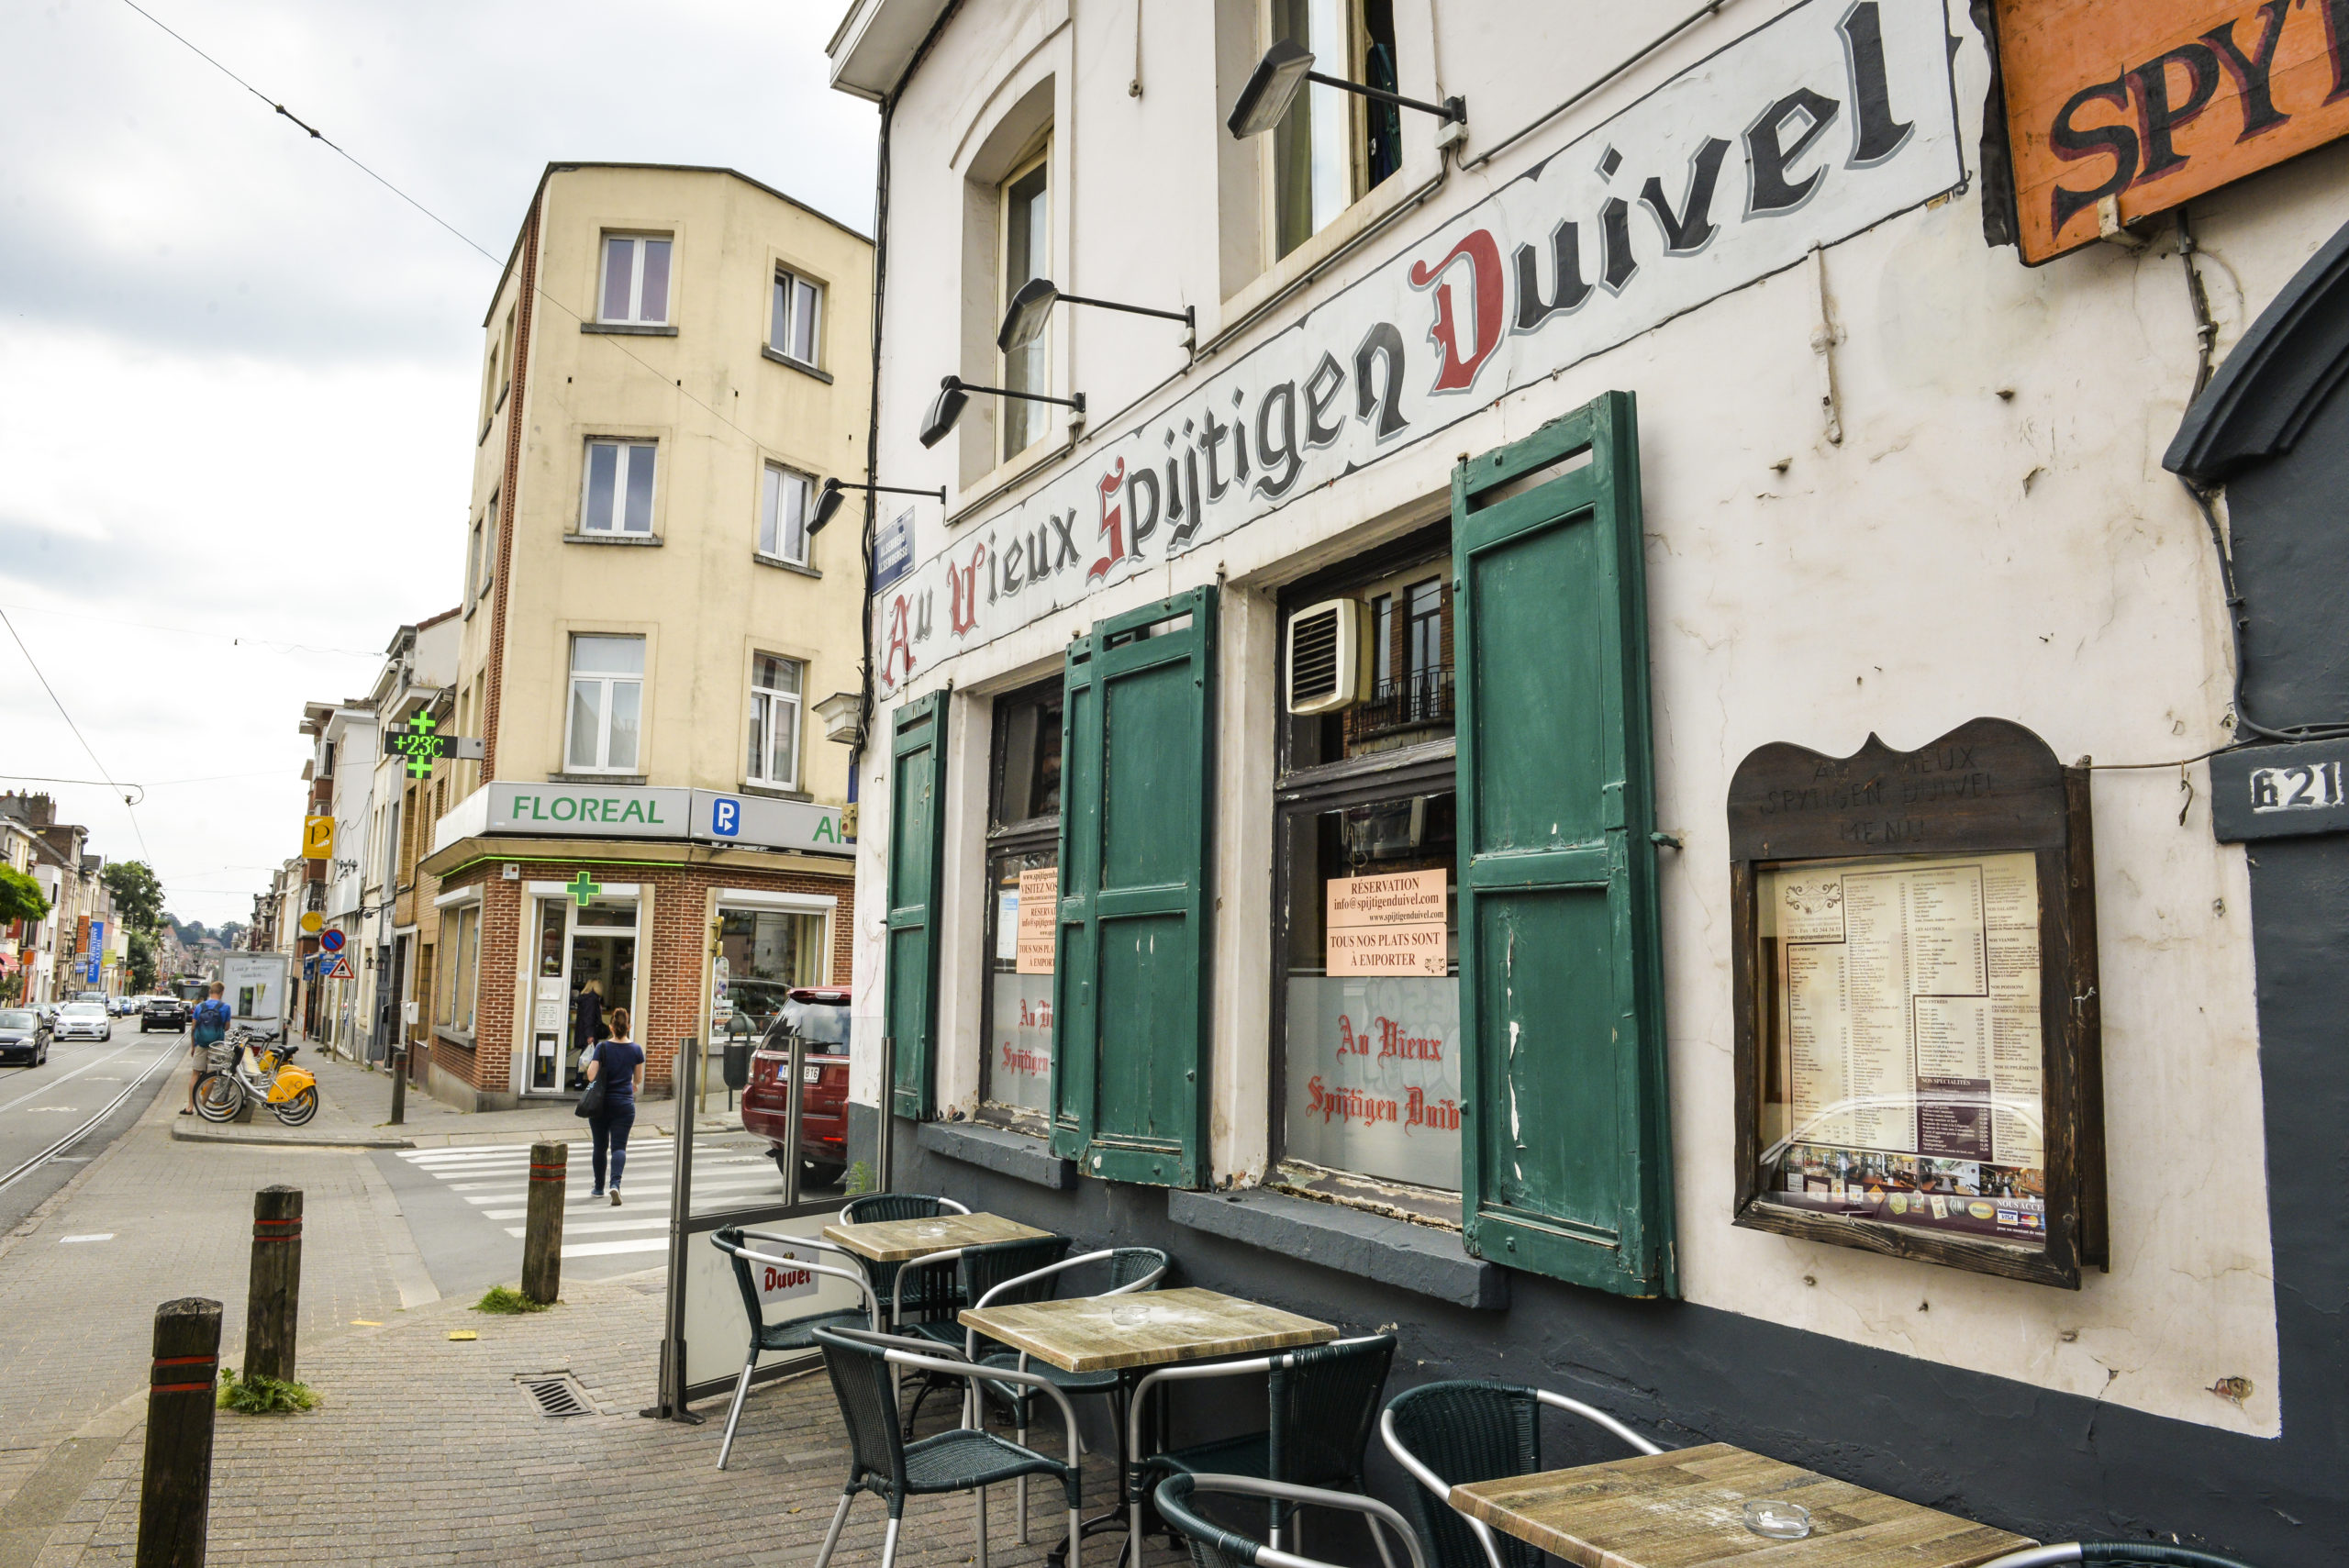 Au Vieux Spijtigen Duivel - Restaurant belge Bruxelles (19)